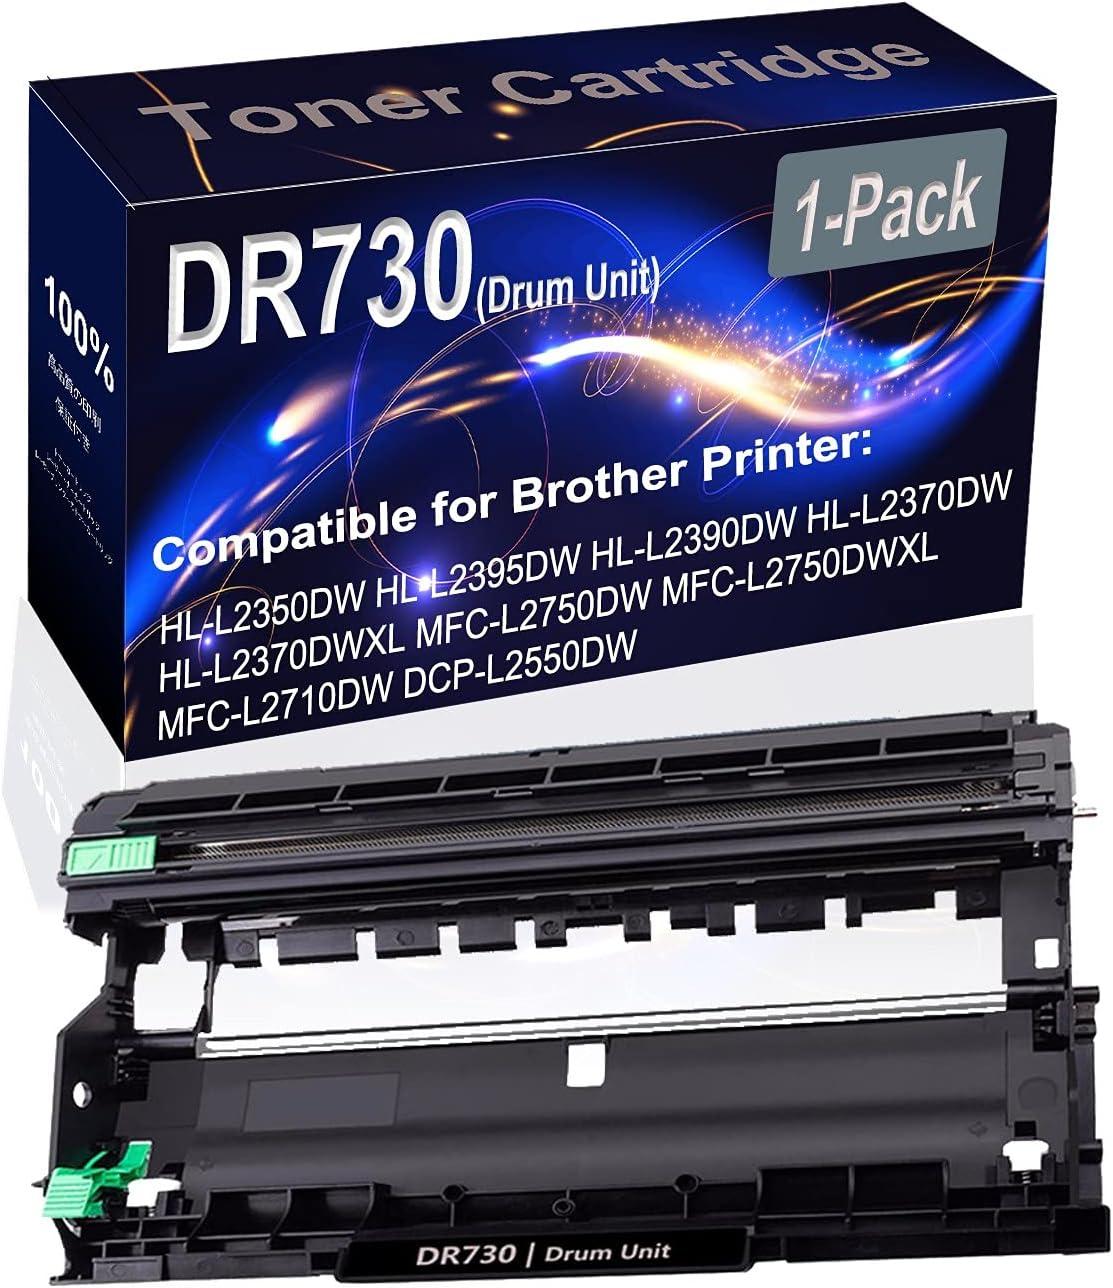 1-Pack Compatible Drum Unit (Black) Replacement for Brother DR730 DR-730 Drum Unit use for Brother HL-L2350DW HL-L2370DW HL-L2370DWXL Printer